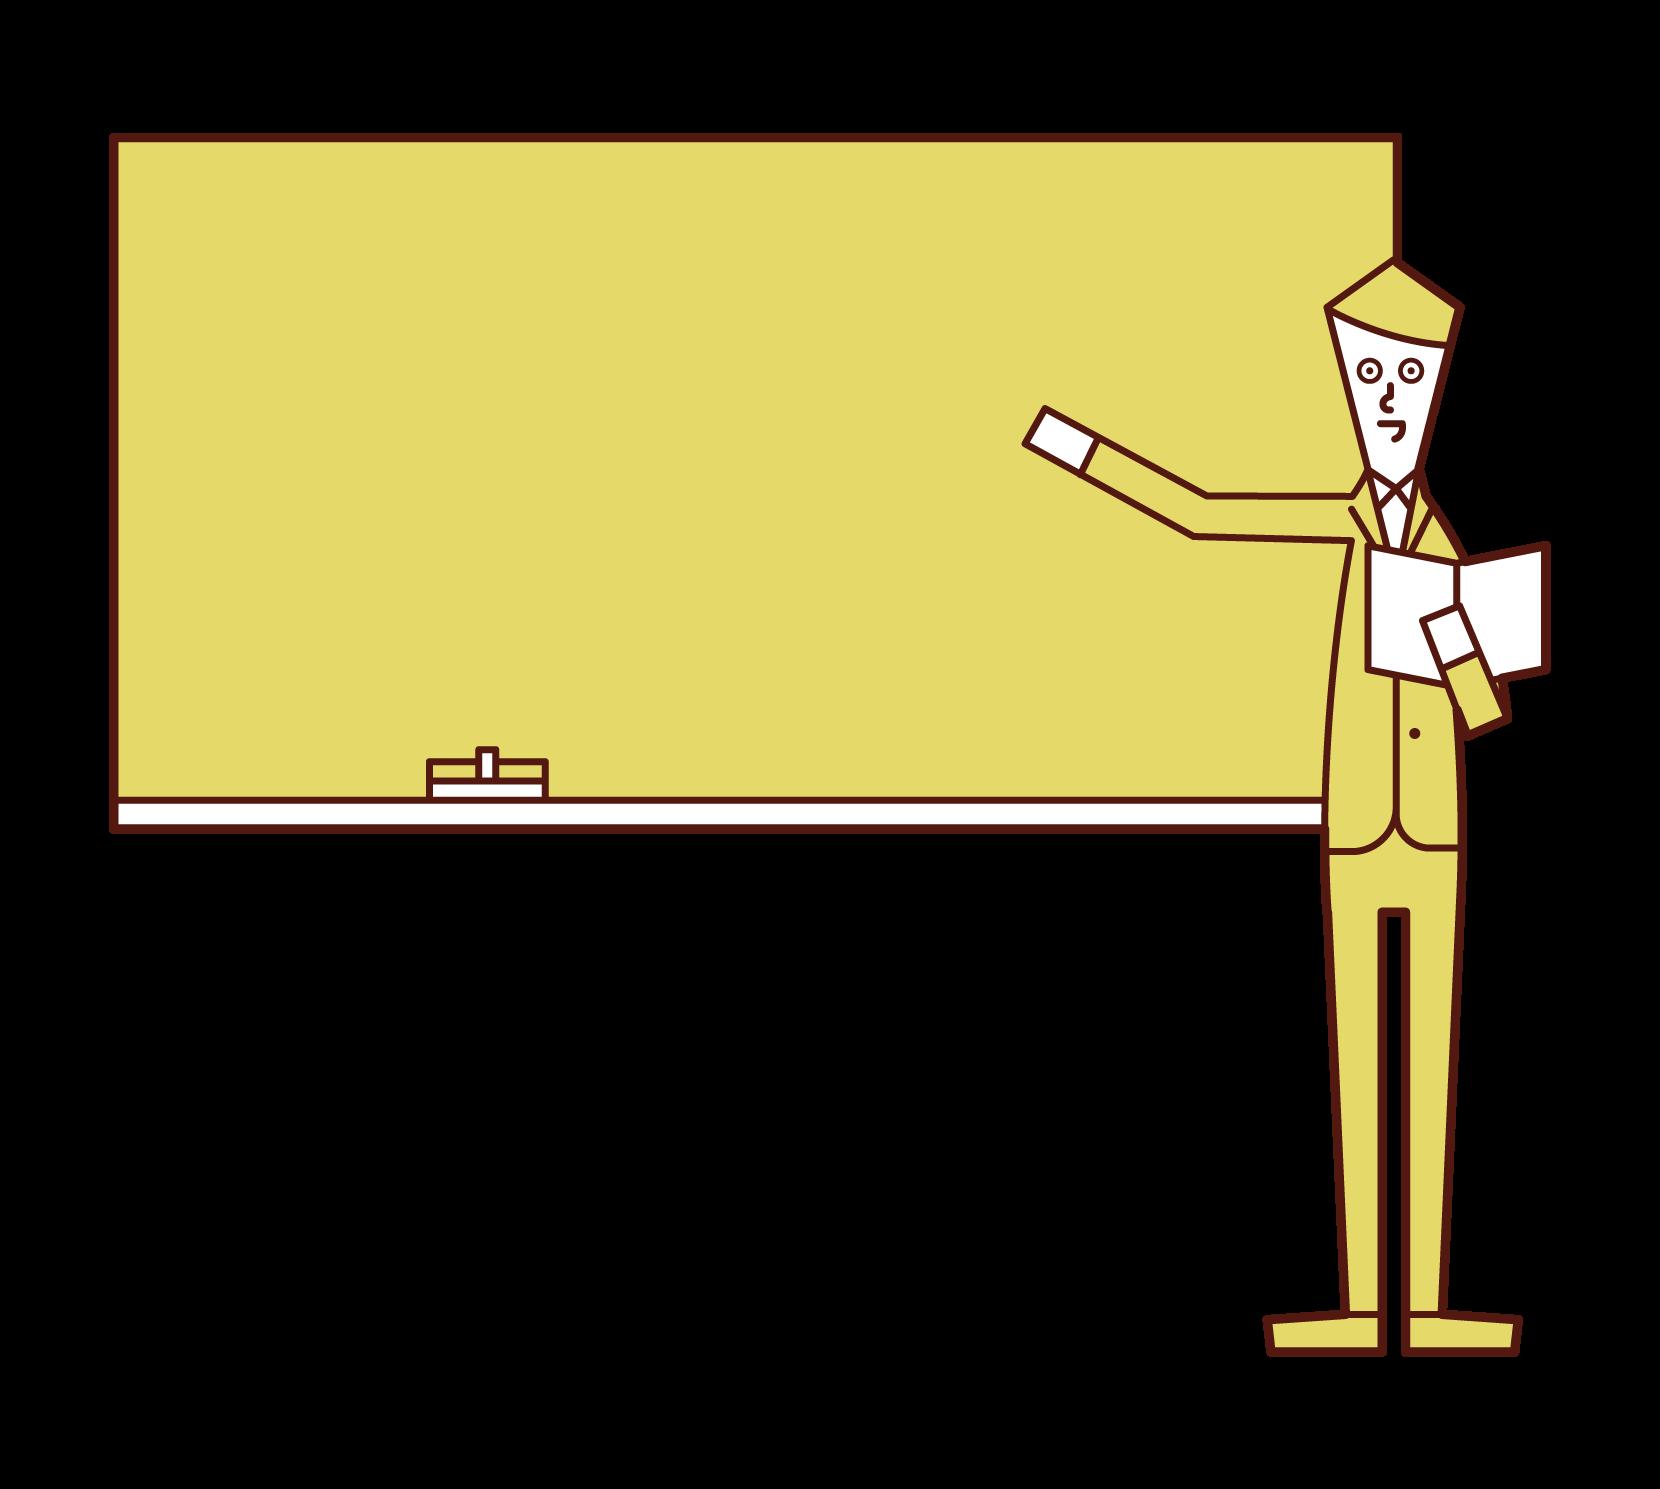 수업을 받는 교사(남성)의 일러스트